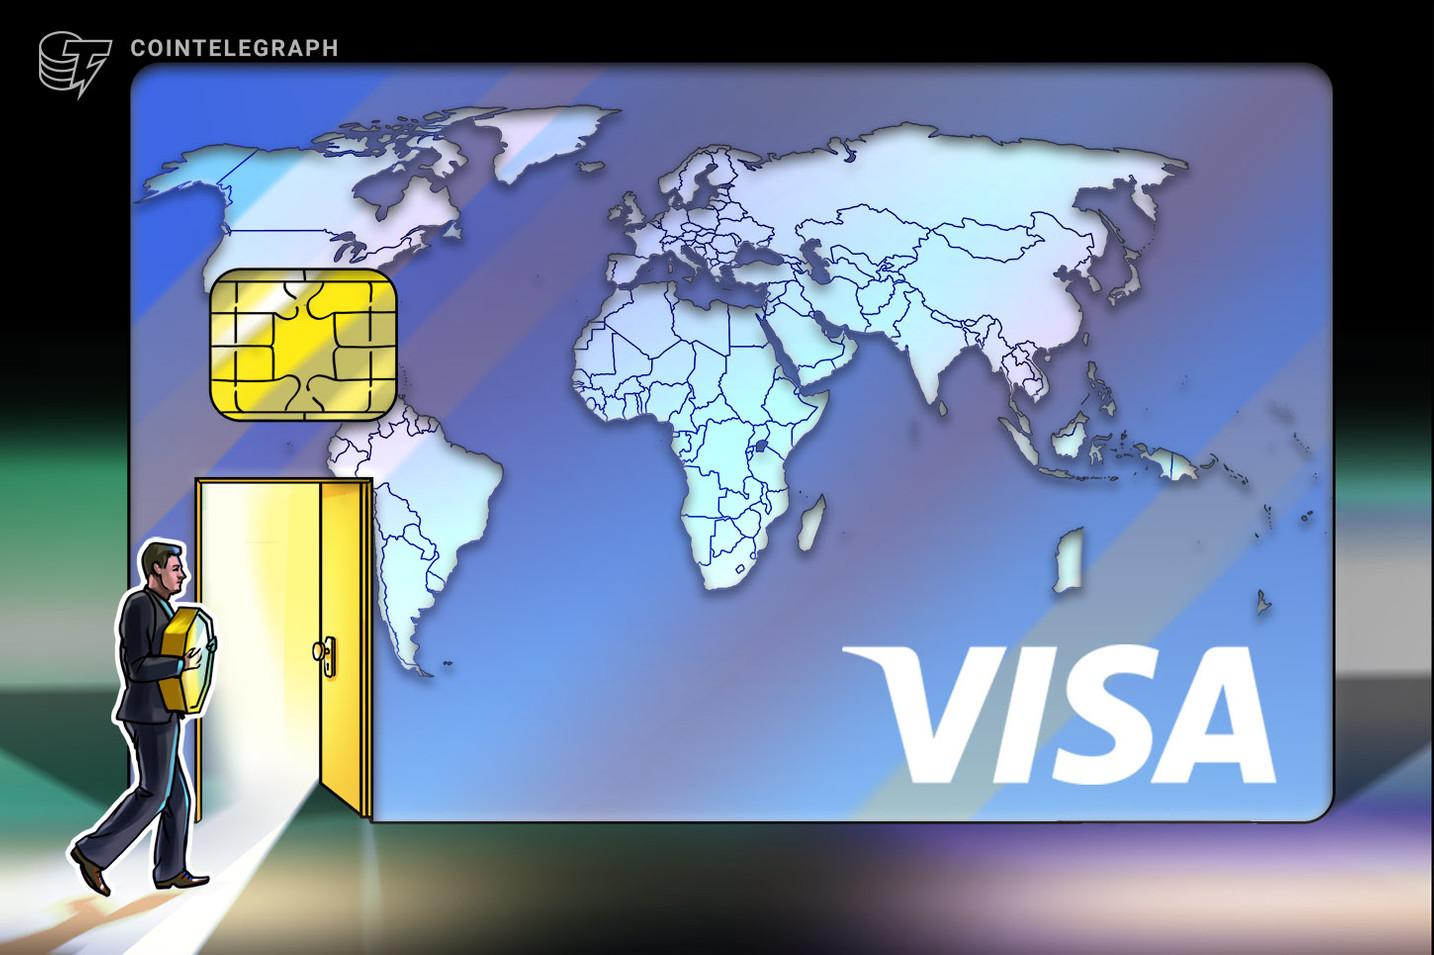 A Visa több mint egymilliárd dollárnyi kriptográfiai kiadást jelent 1 első félévében